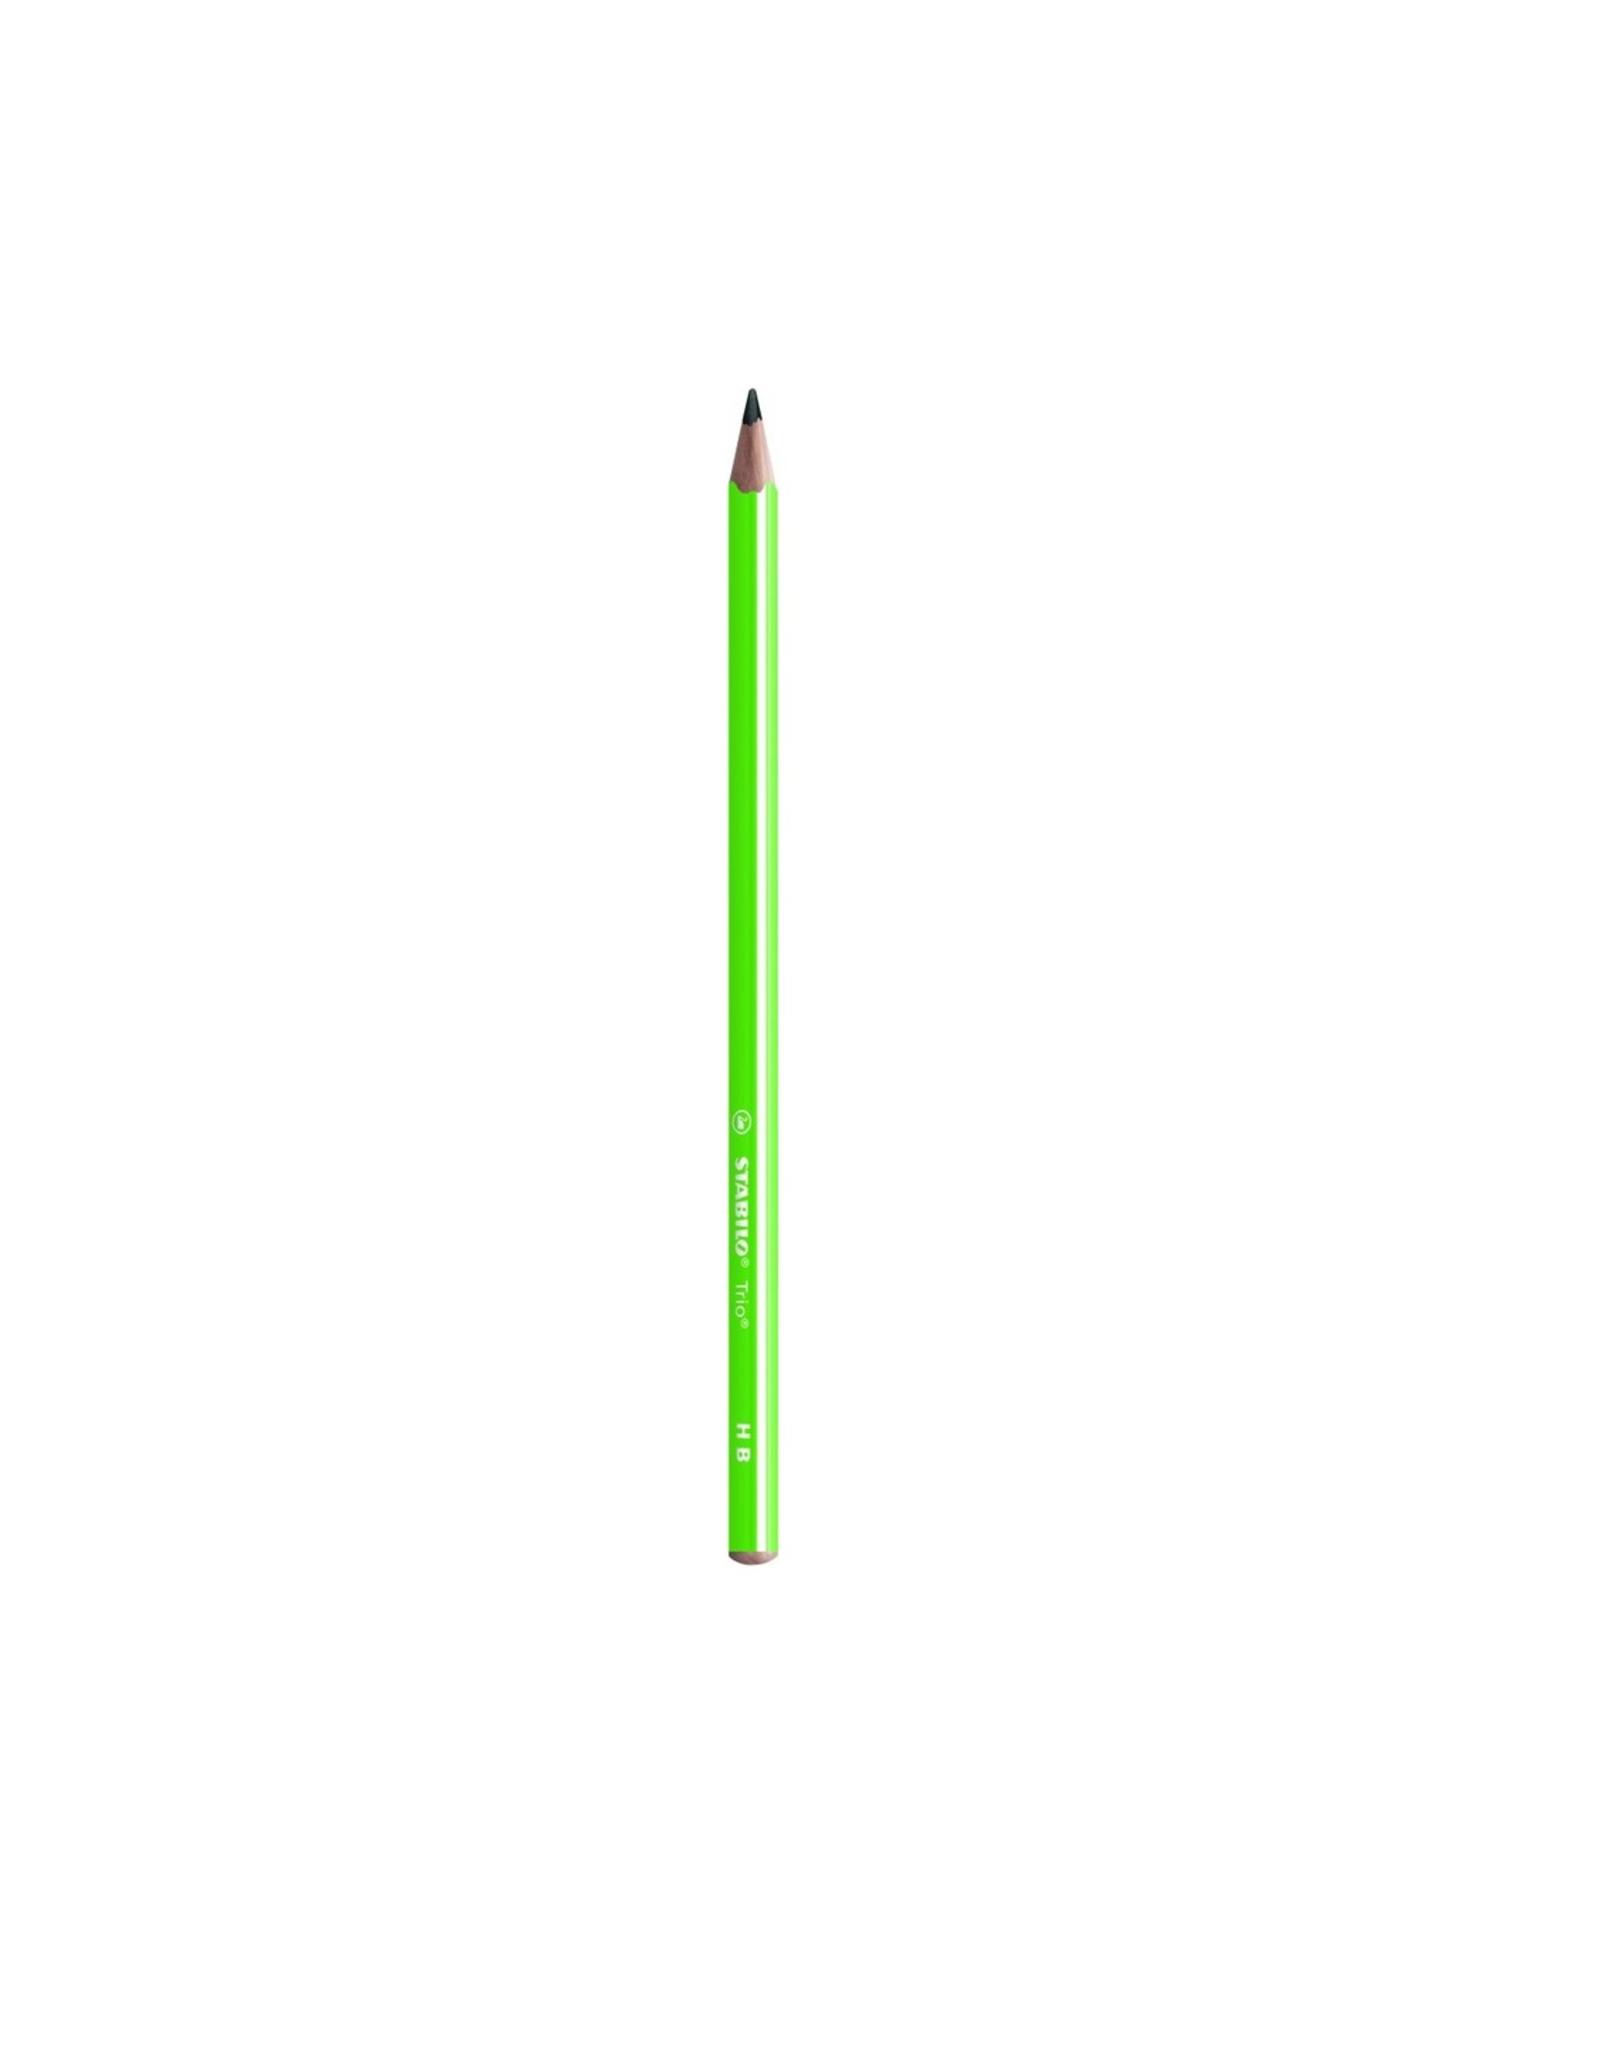 Stabilo Stabilo Trio Pencil Green (369/04-HB)